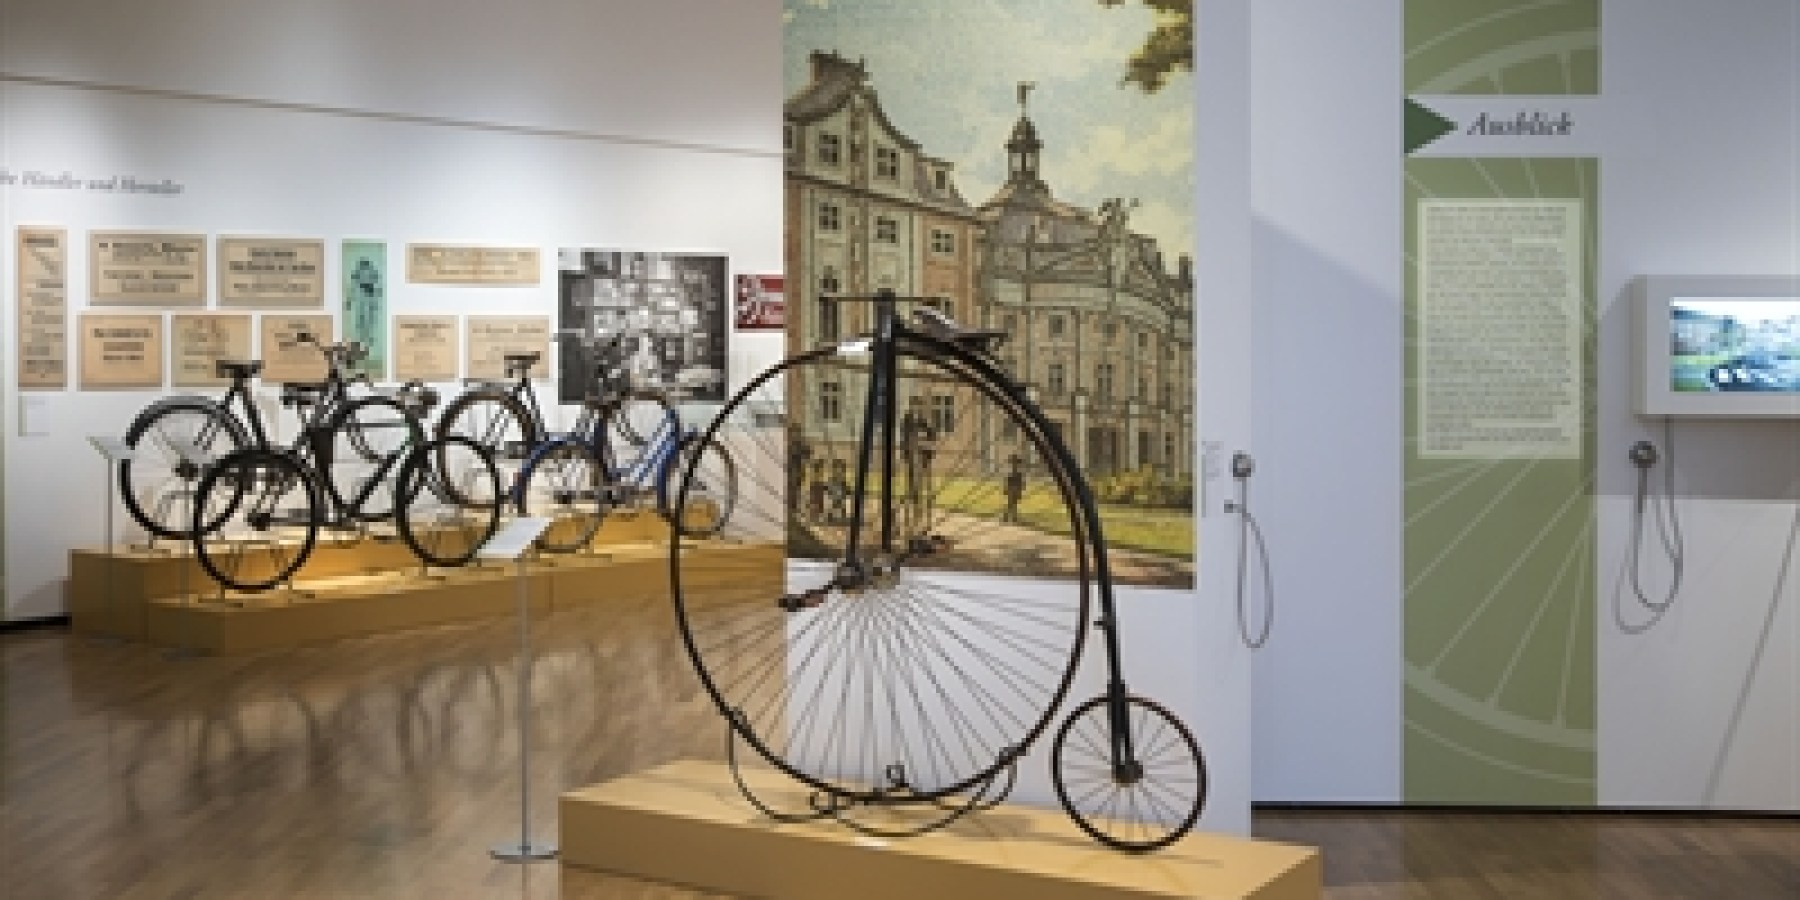 Stadtmuseum: Probefahrt mit historischen Rädern